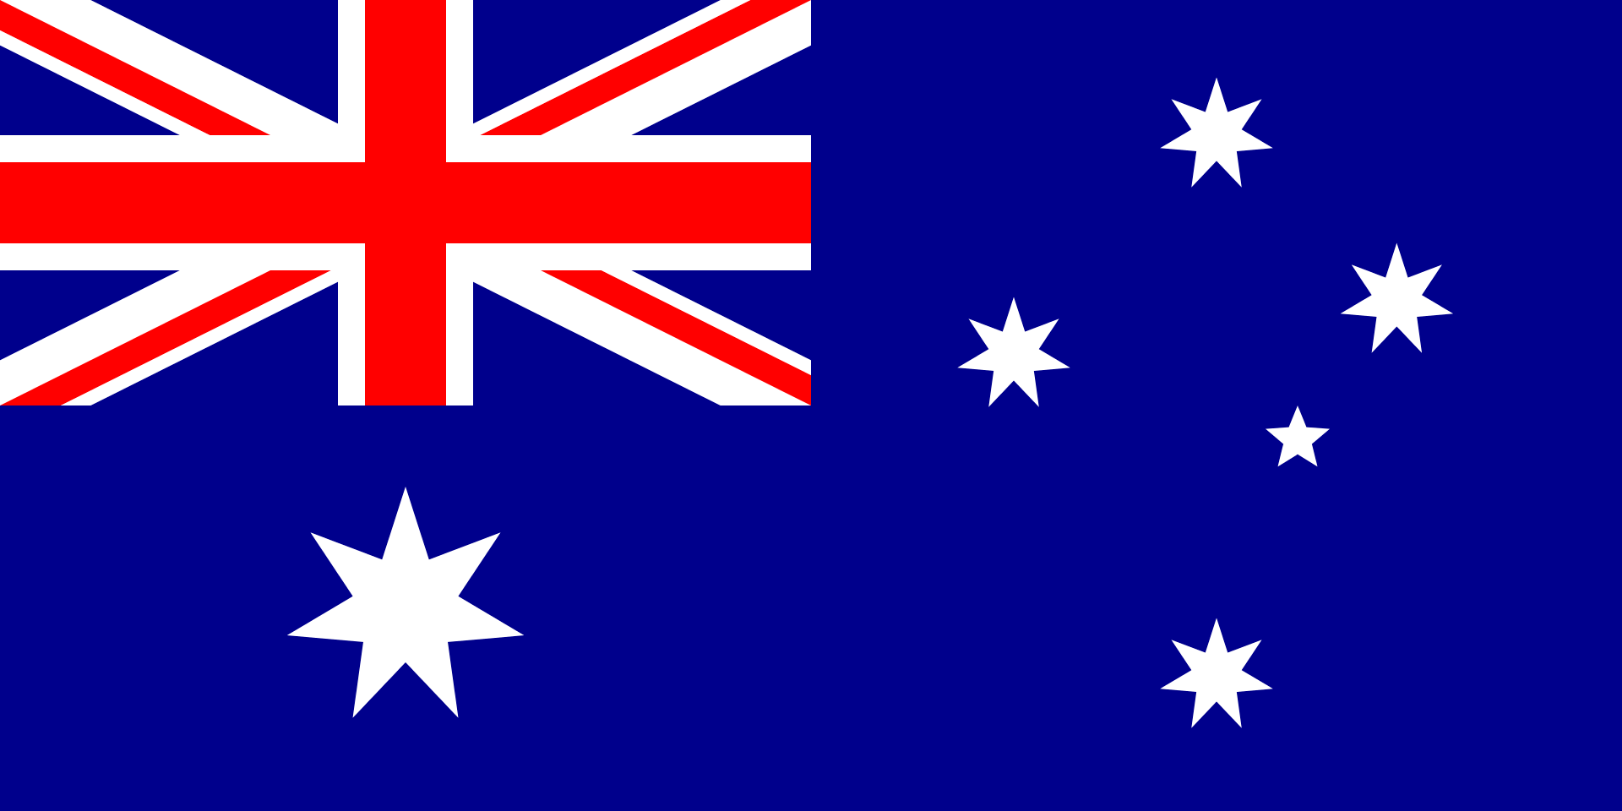 Flagge im Querformat Land Australien 150x100 cm